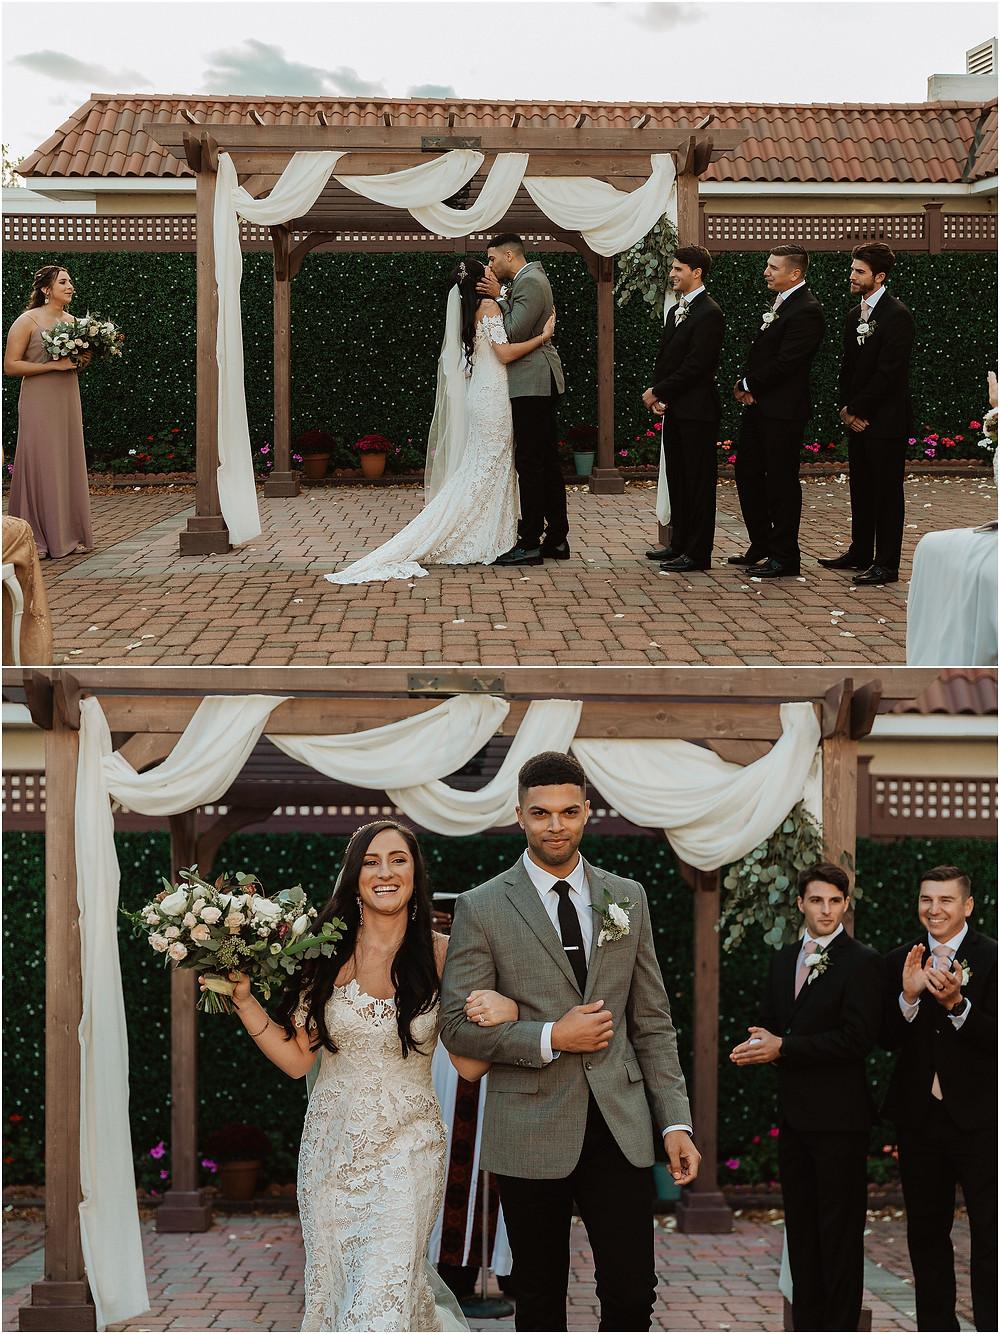 First Kiss at Perona Farms Wedding